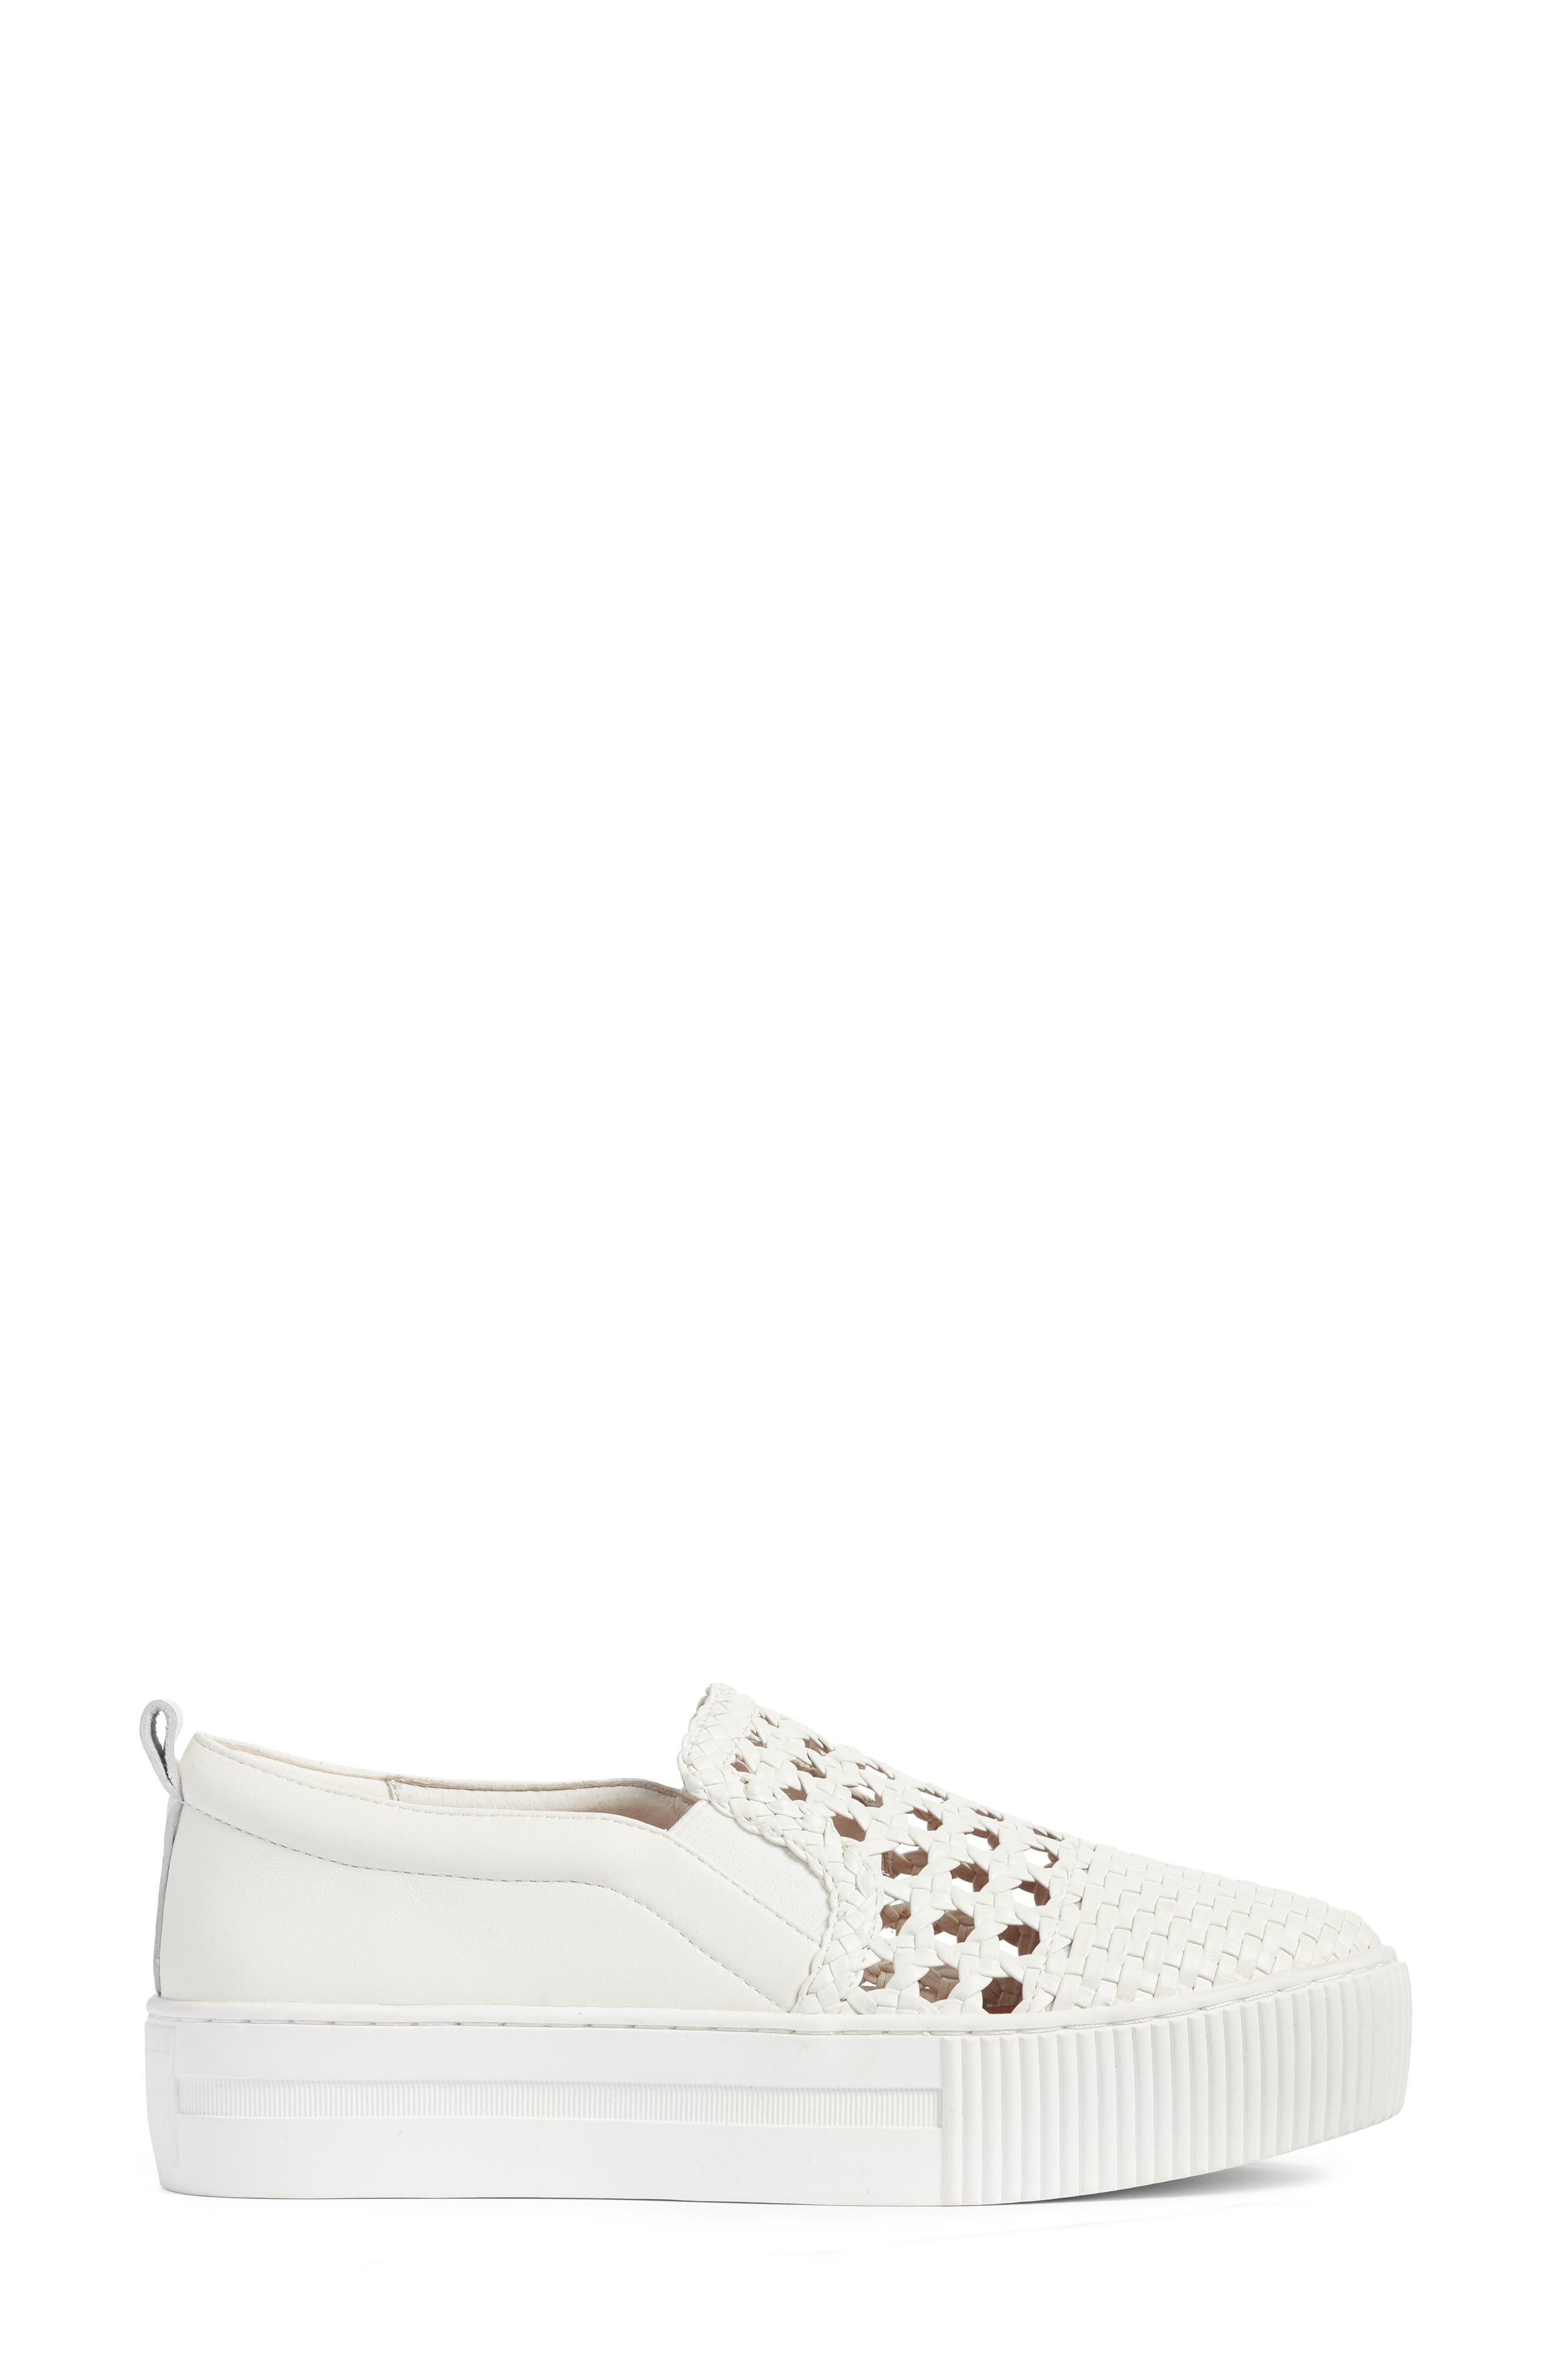 Baylee Slip-On Sneaker,                             Alternate thumbnail 3, color,                             WHITE WOVEN